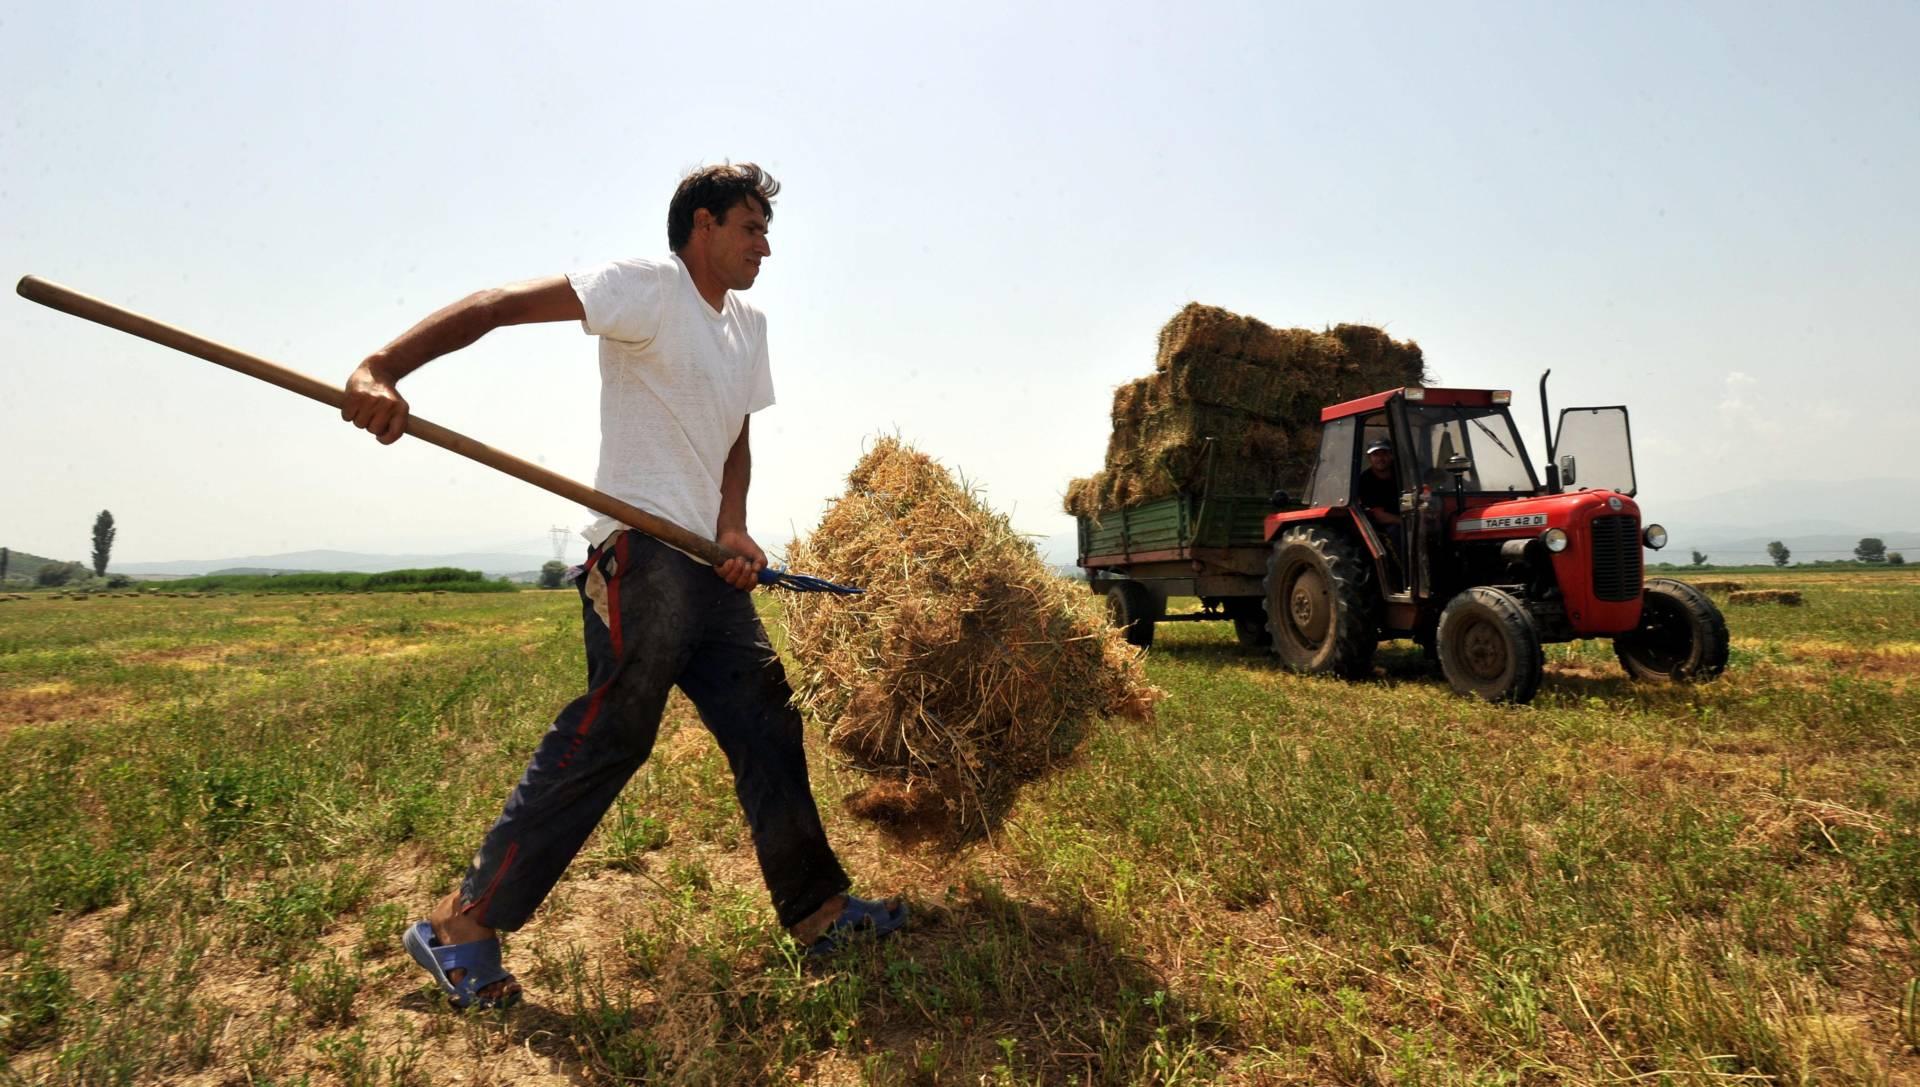 Τελευταίες οδηγίες για επίδομα 800 ευρώ, εκτός μέχρι στιγμής οι αγρότες